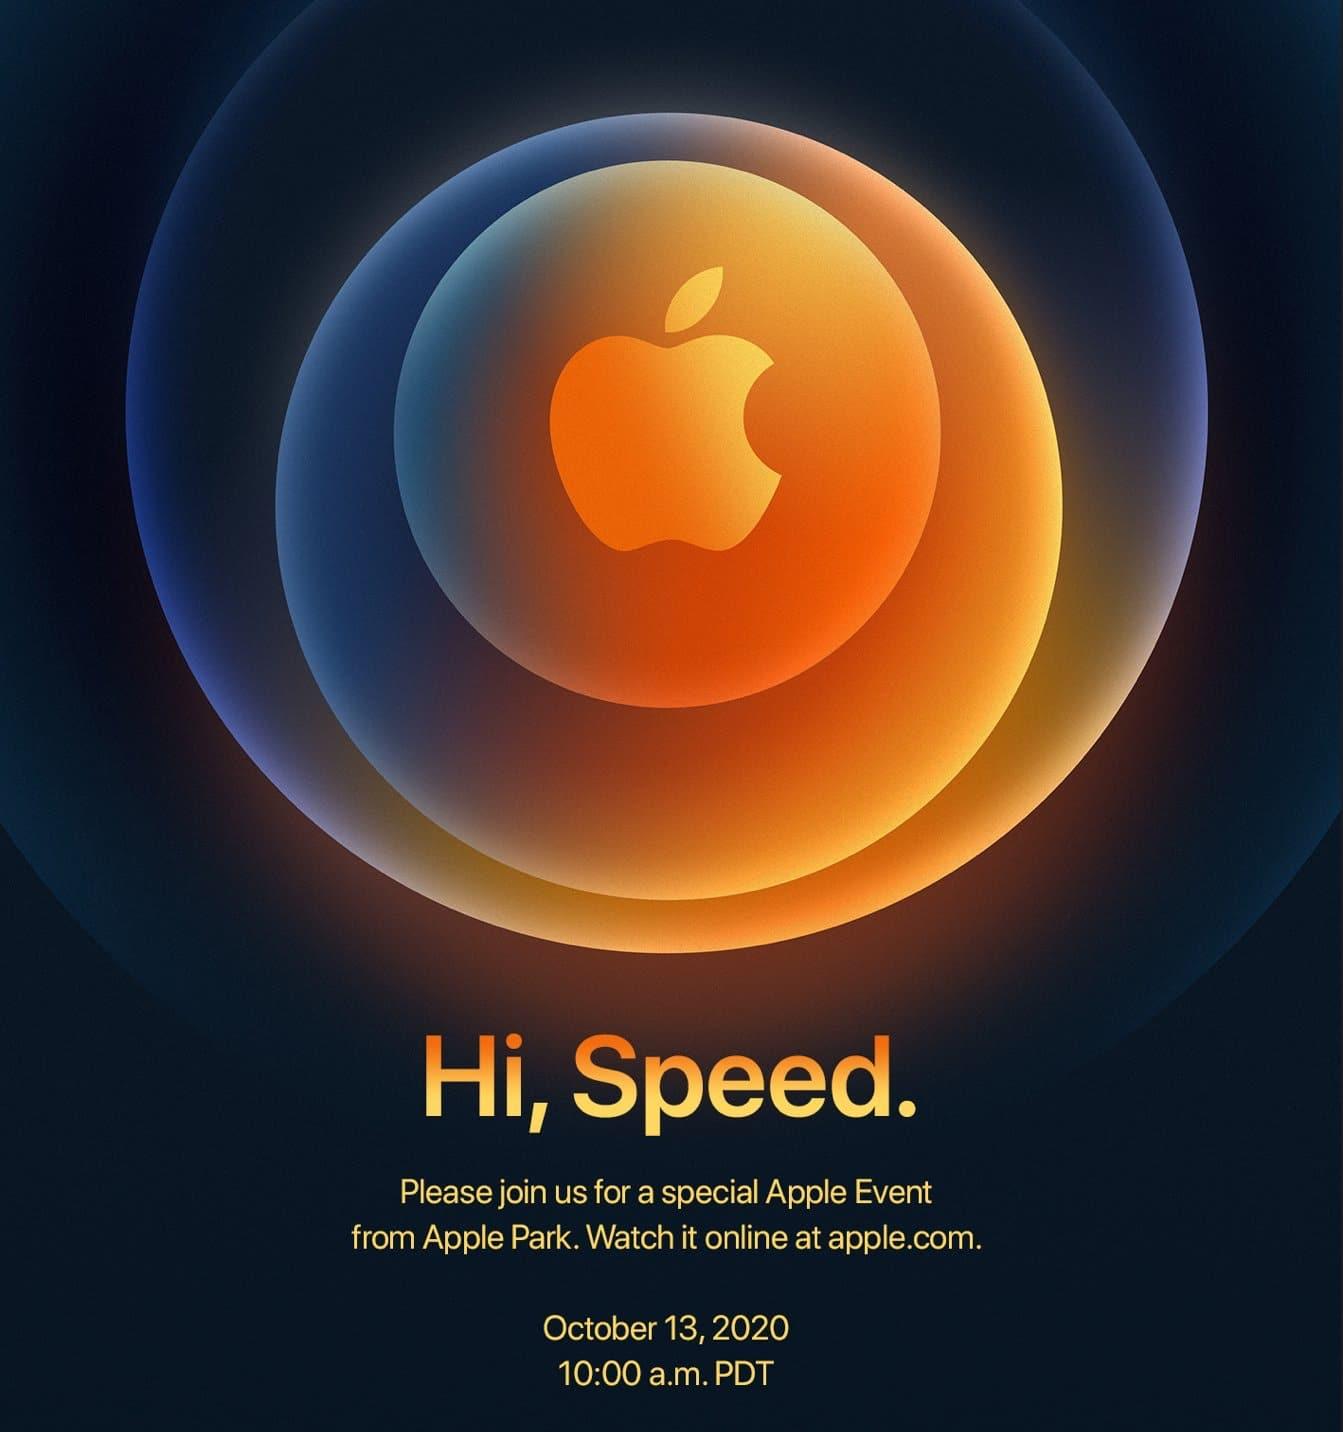 Convite do evento que deve apresentar o novo iphone 12